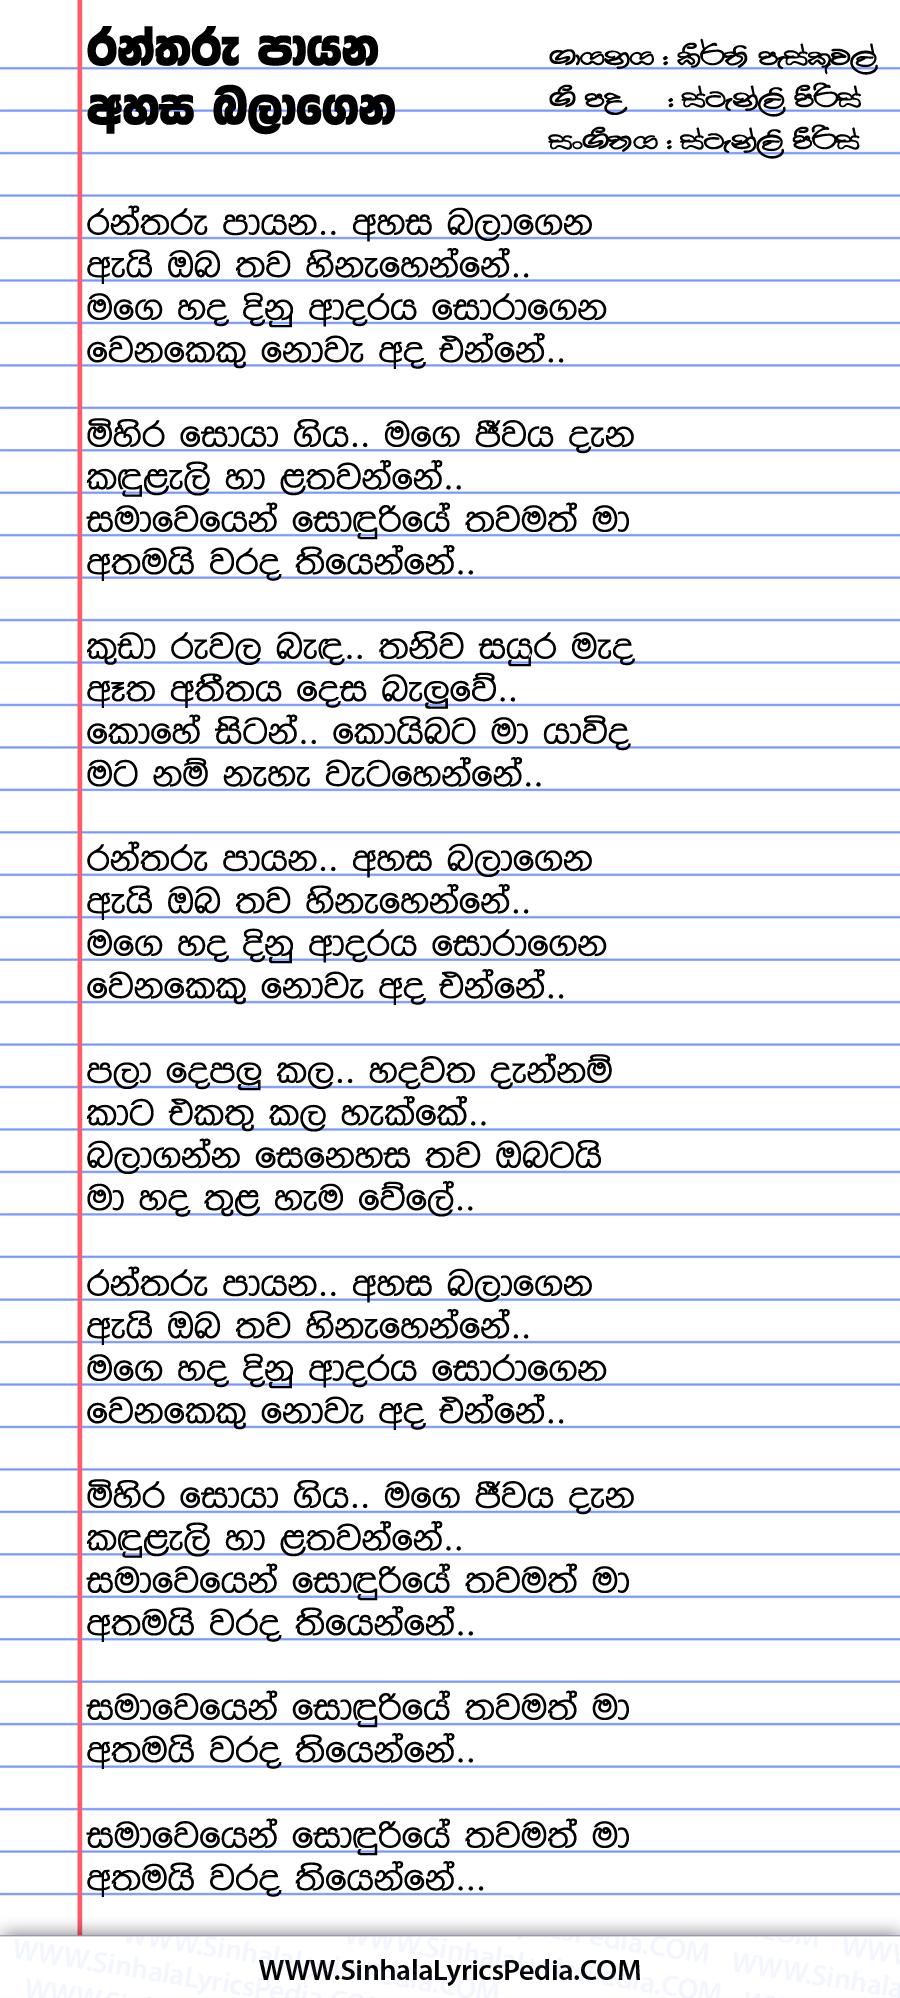 Ran Tharu Payana Ahasa Balagena Song Lyrics